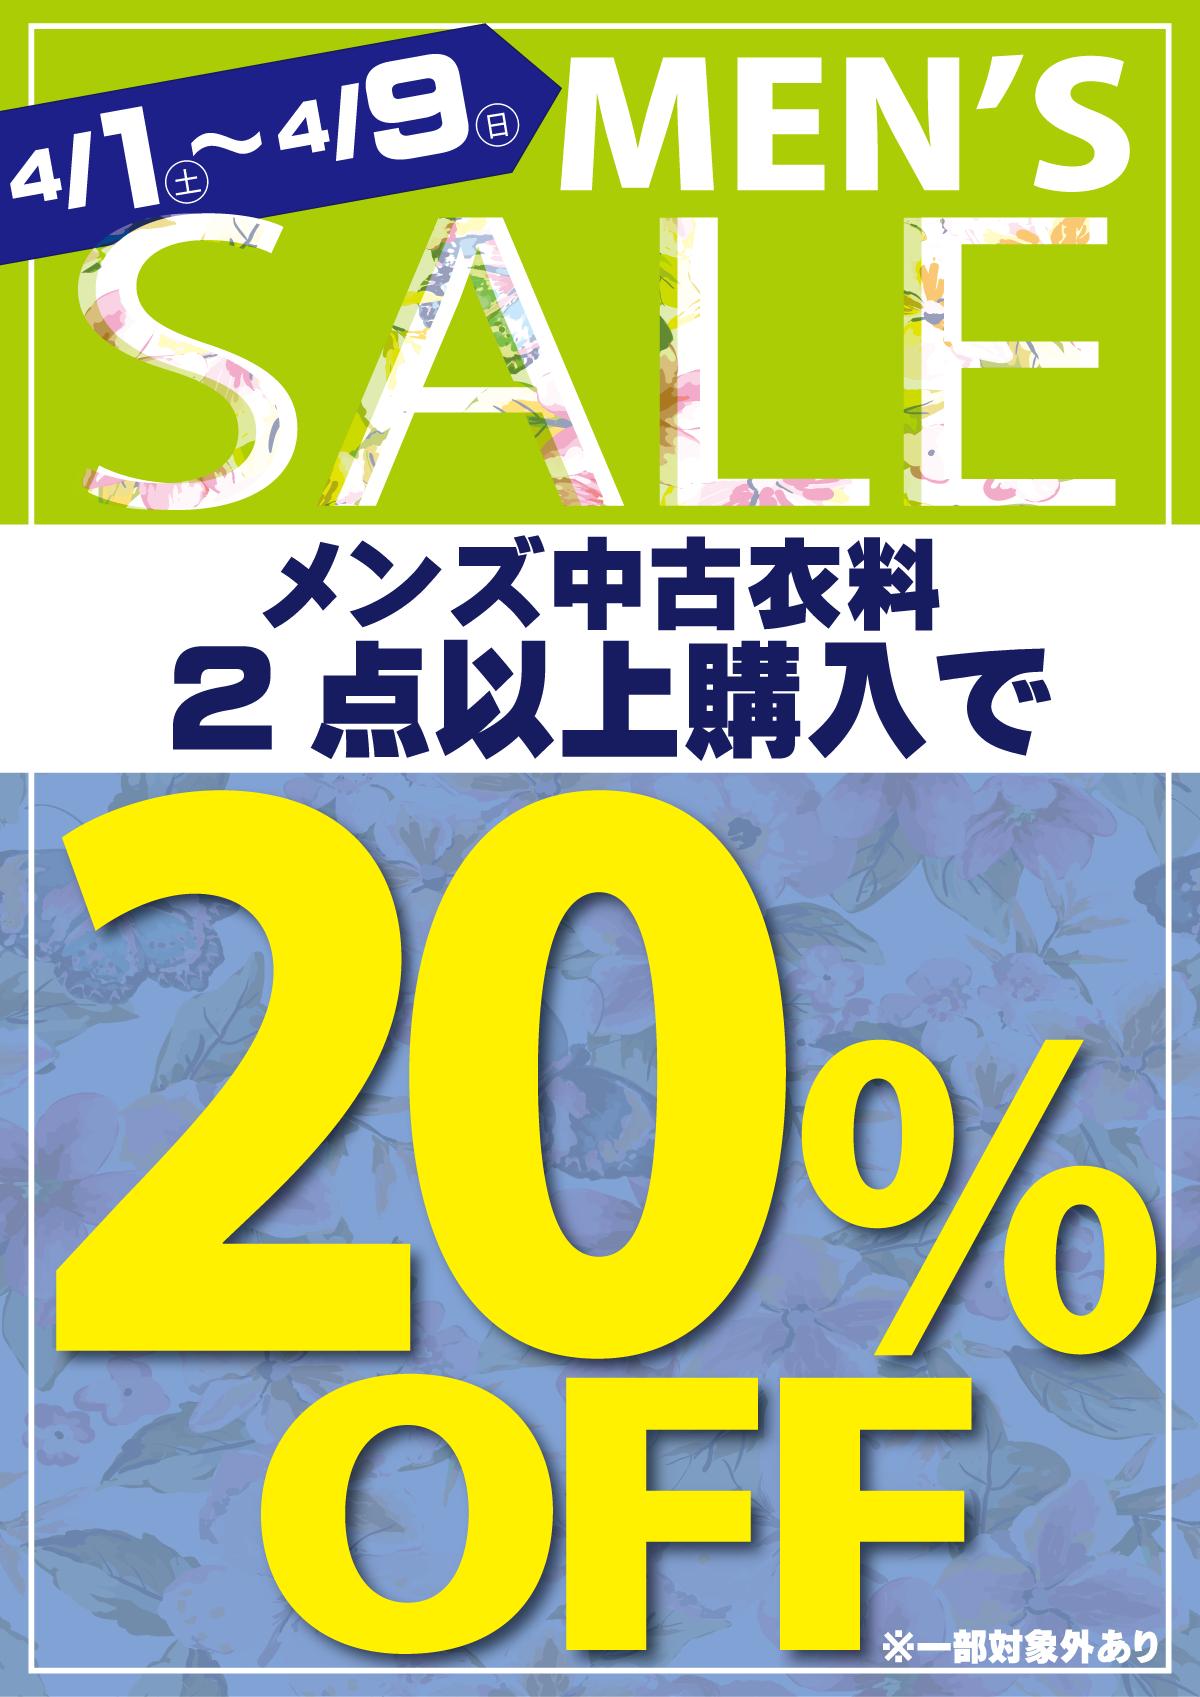 「開放倉庫山城店」2017年4月1日~9日(日)の9日間!メンズセール!メンズ中古衣料2点以上購入で20%オフ!